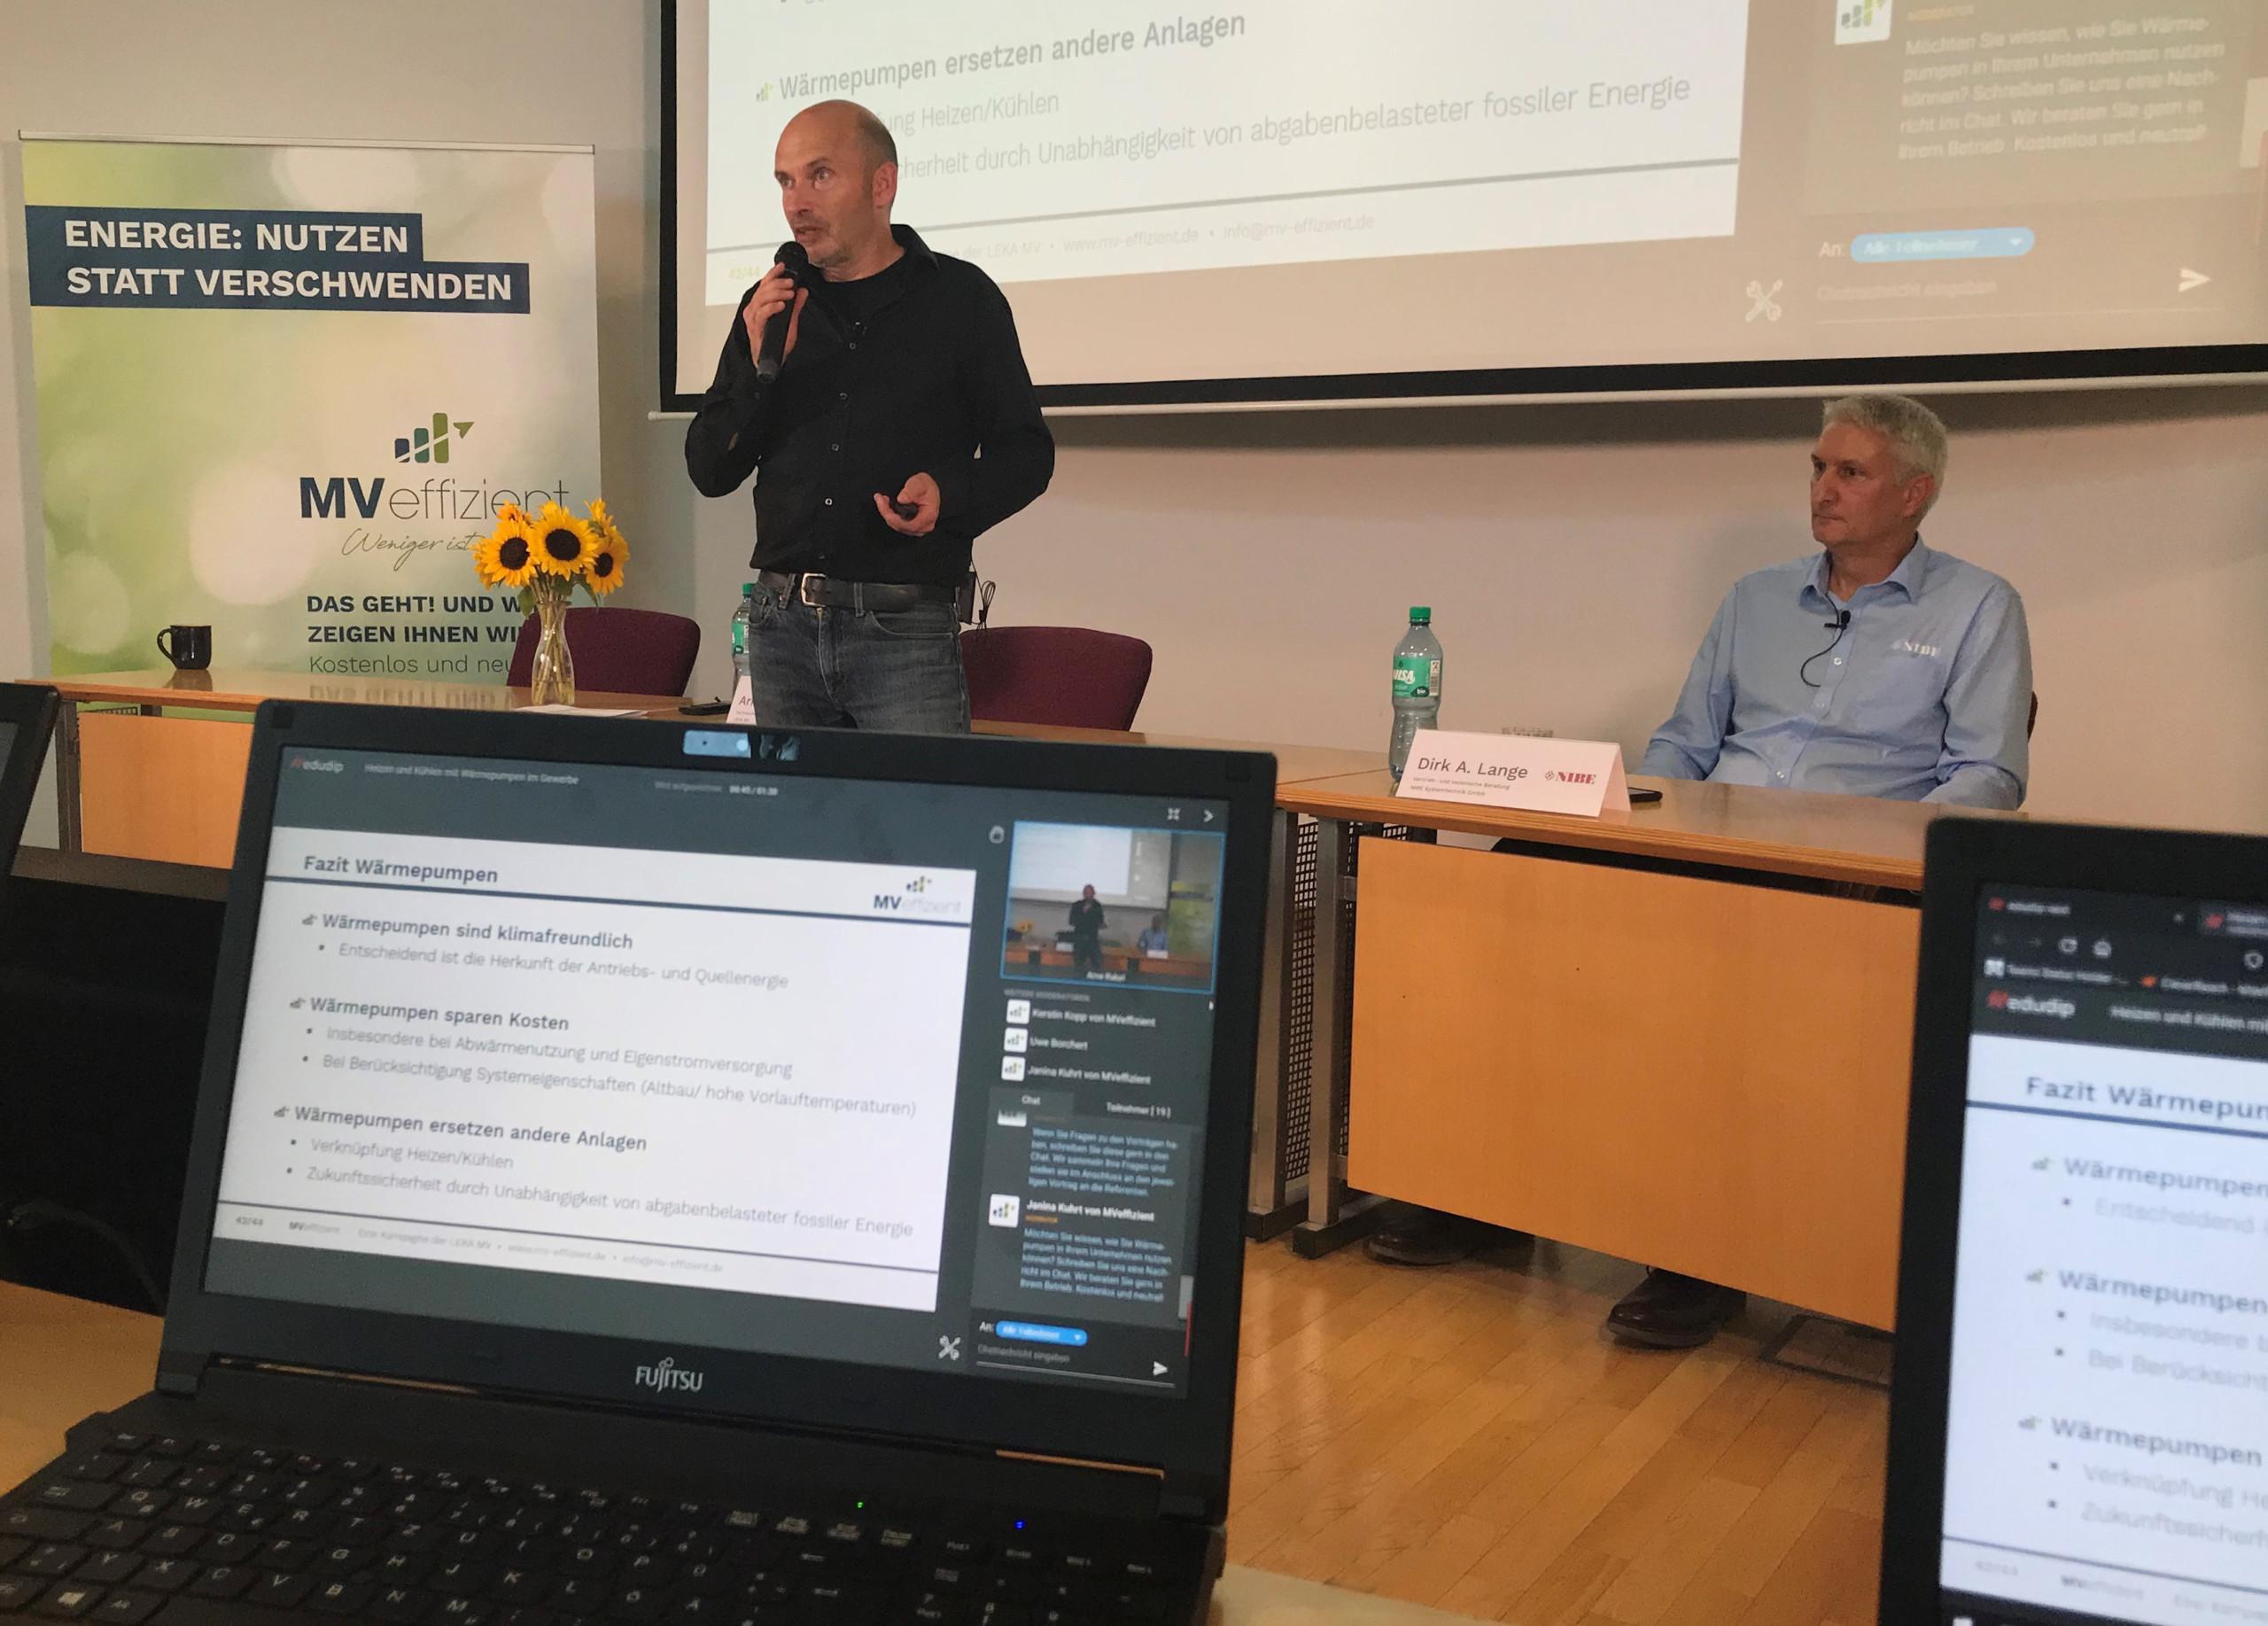 BU: Arne Rakel (li) und Dirk Andreas Lange stellen den Teilnehmern des Stammtisches die Wärmepumpen-Technologie vor (Foto: LEKA MV).